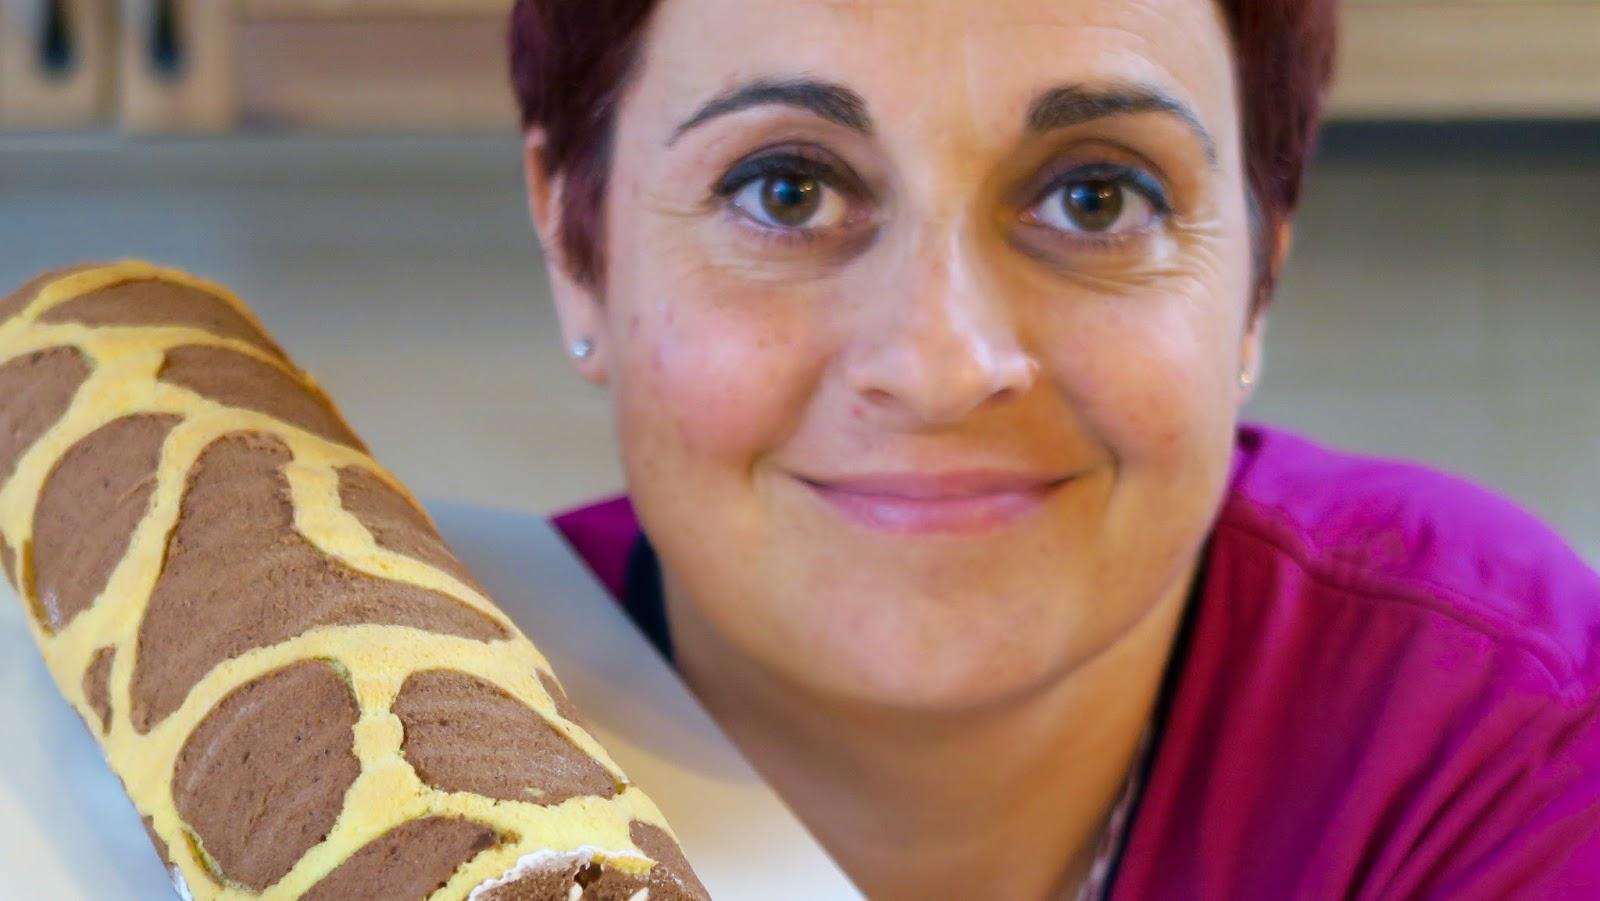 Fatto in casa da benedetta torta giraffa giraffe cake for Fatto in casa da benedetta 2